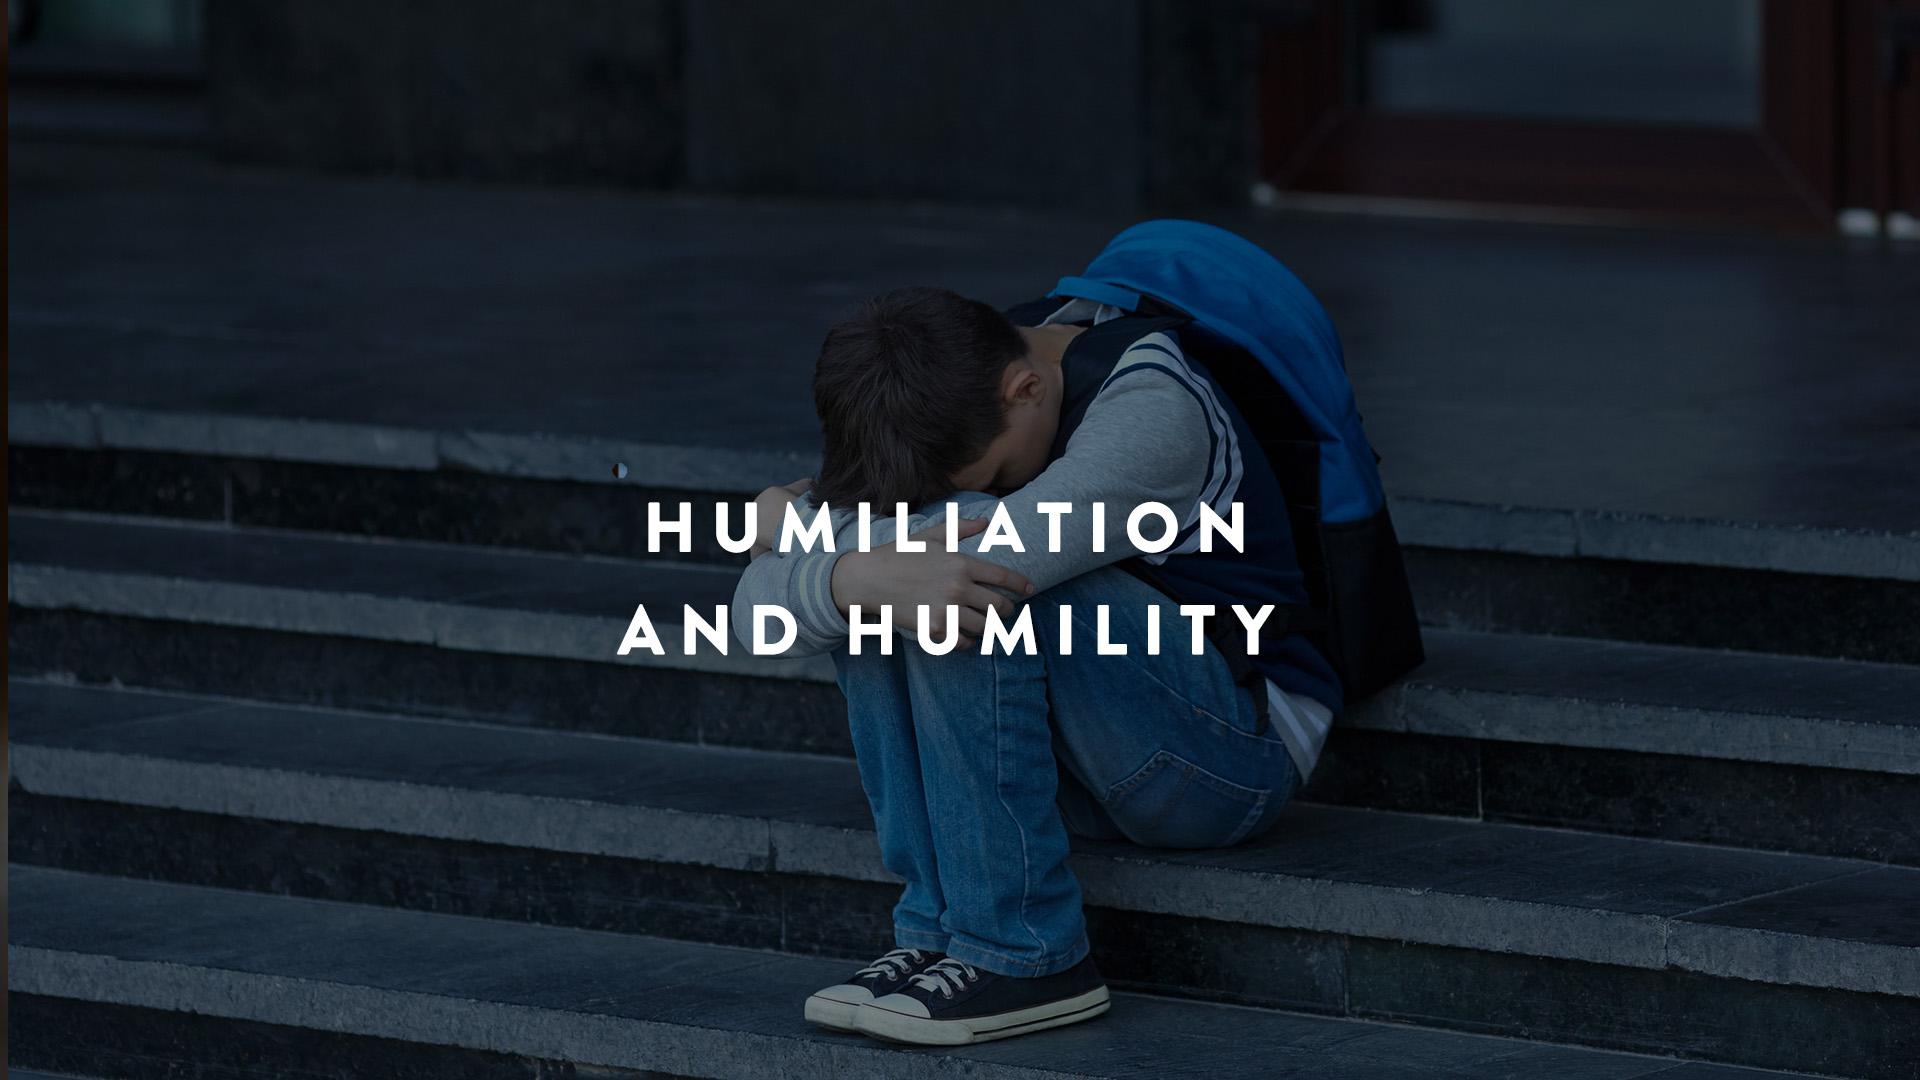 Humiliation and humility